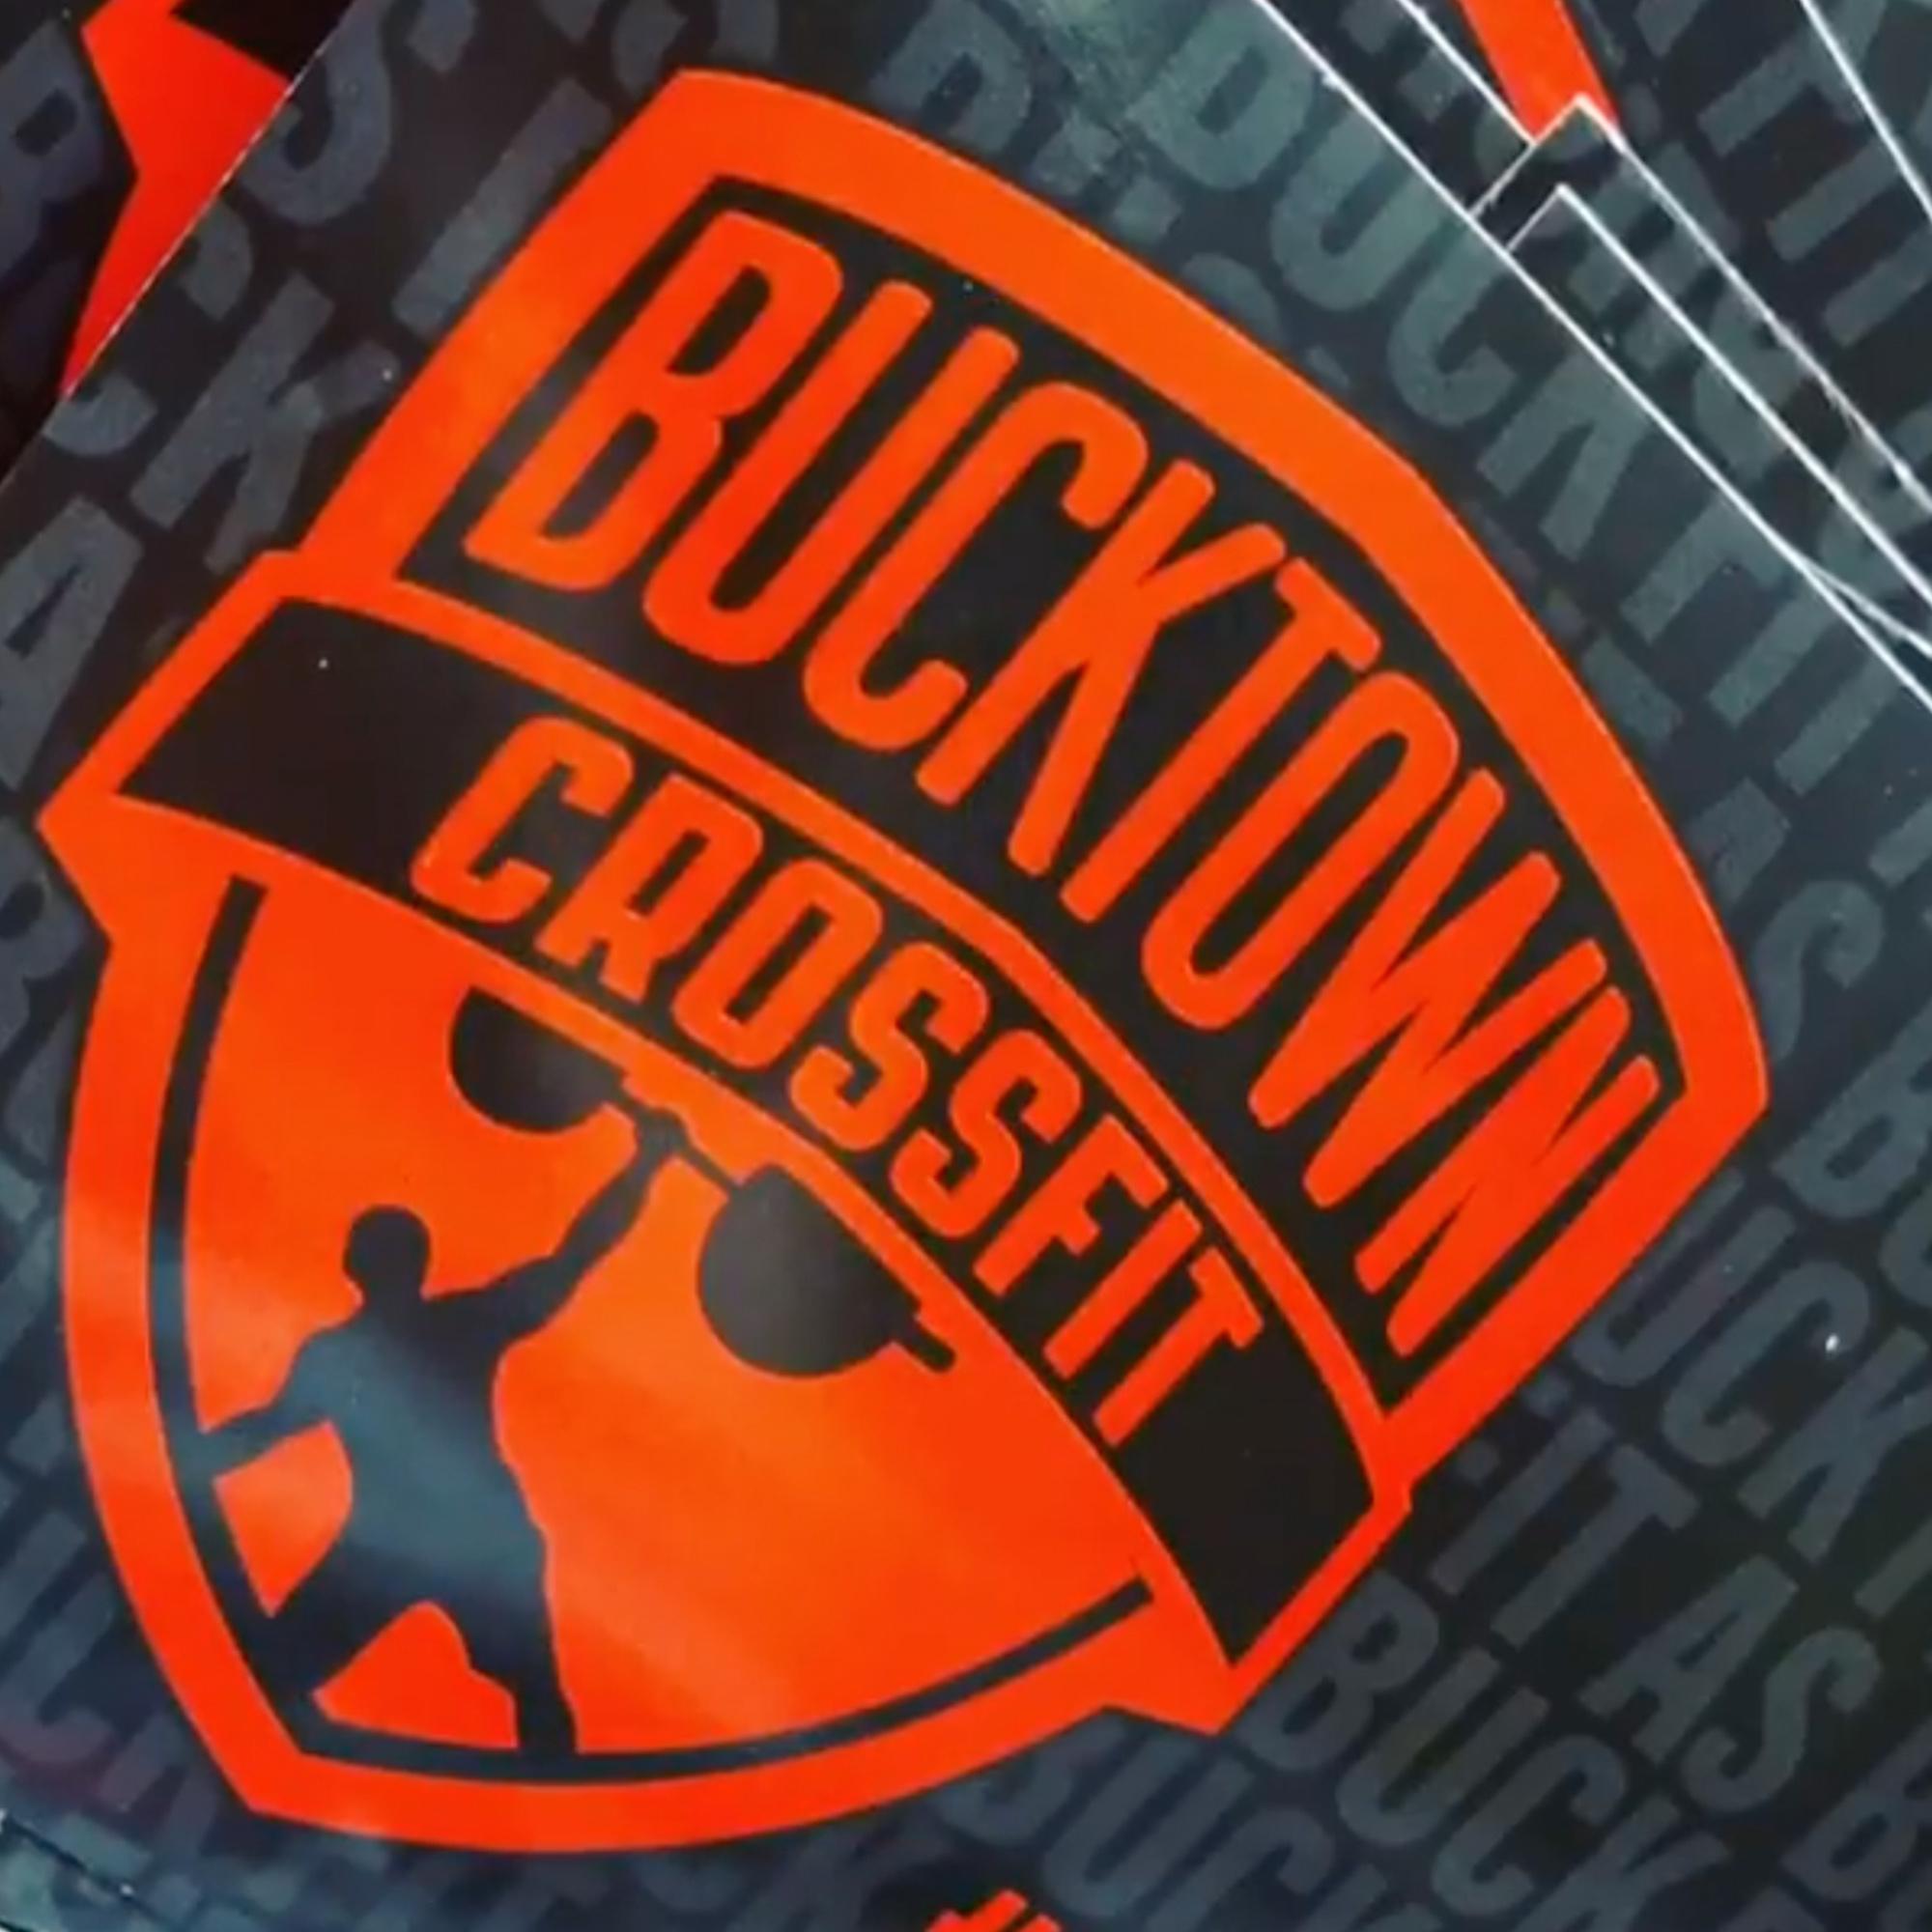 bucktowncrossfit1